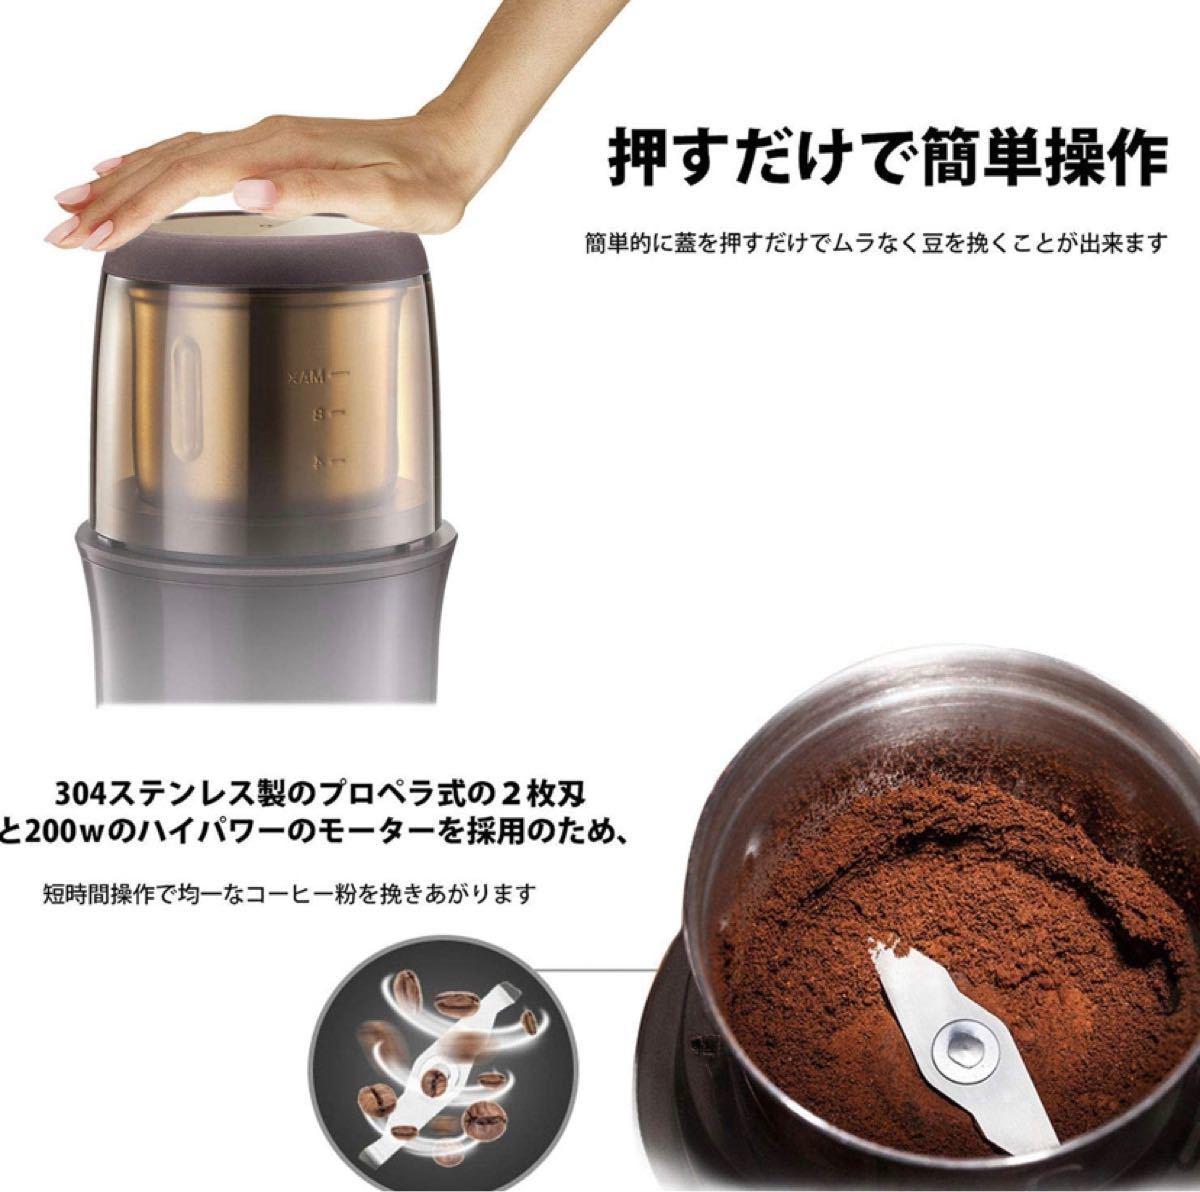 コーヒーミル 電動コーヒーミル コーヒーグラインダー ワンタッチで自動挽き 電動コーヒーミル 一台多役 コーヒーグラインダー